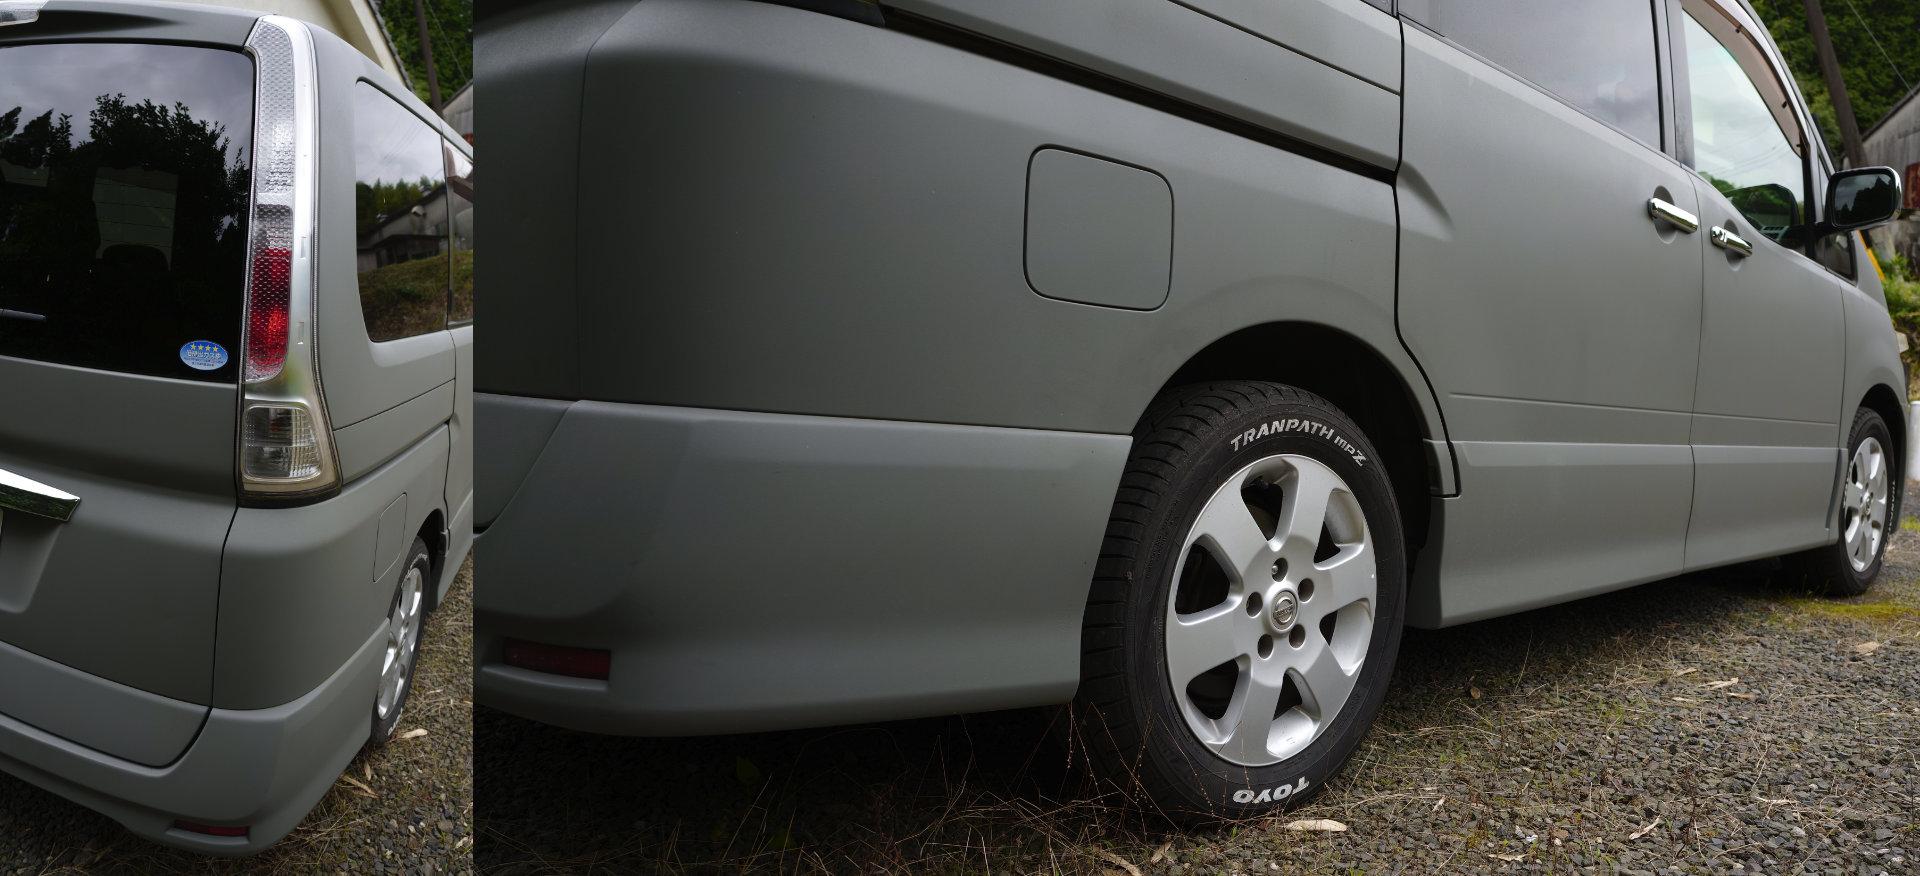 ドアハンドル、バックミラーにメッキカバーでカスタマイズ&テール交換、タイヤのロゴをマーカーでペイント、家庭用電動ガンでセレナを全塗装「DIY」タカラ塗料